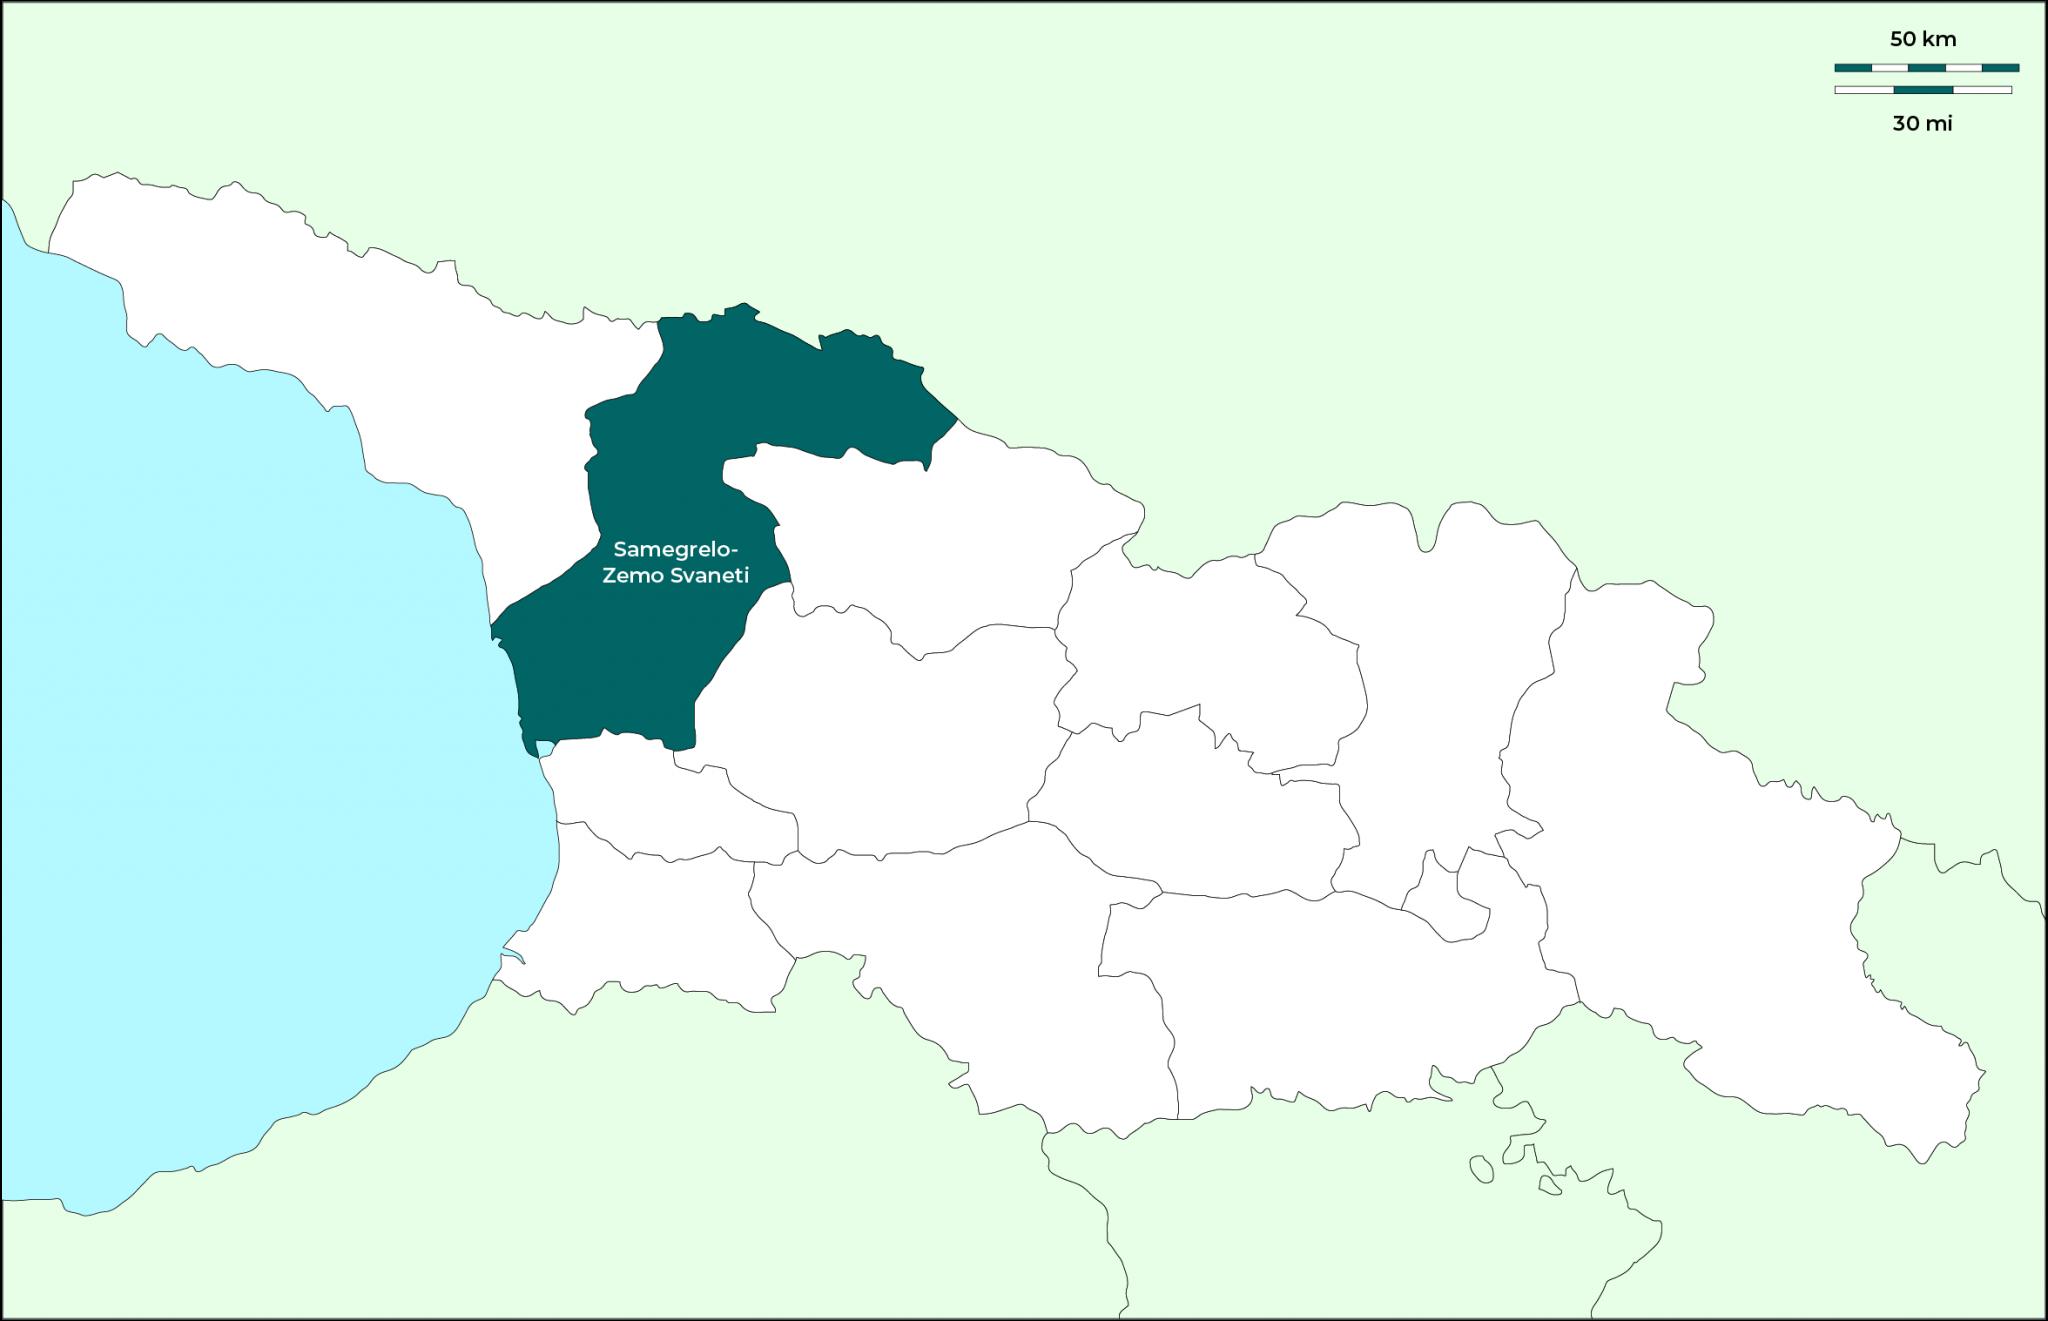 Región de Samegrelo-Zemo Svaneti: Mapa